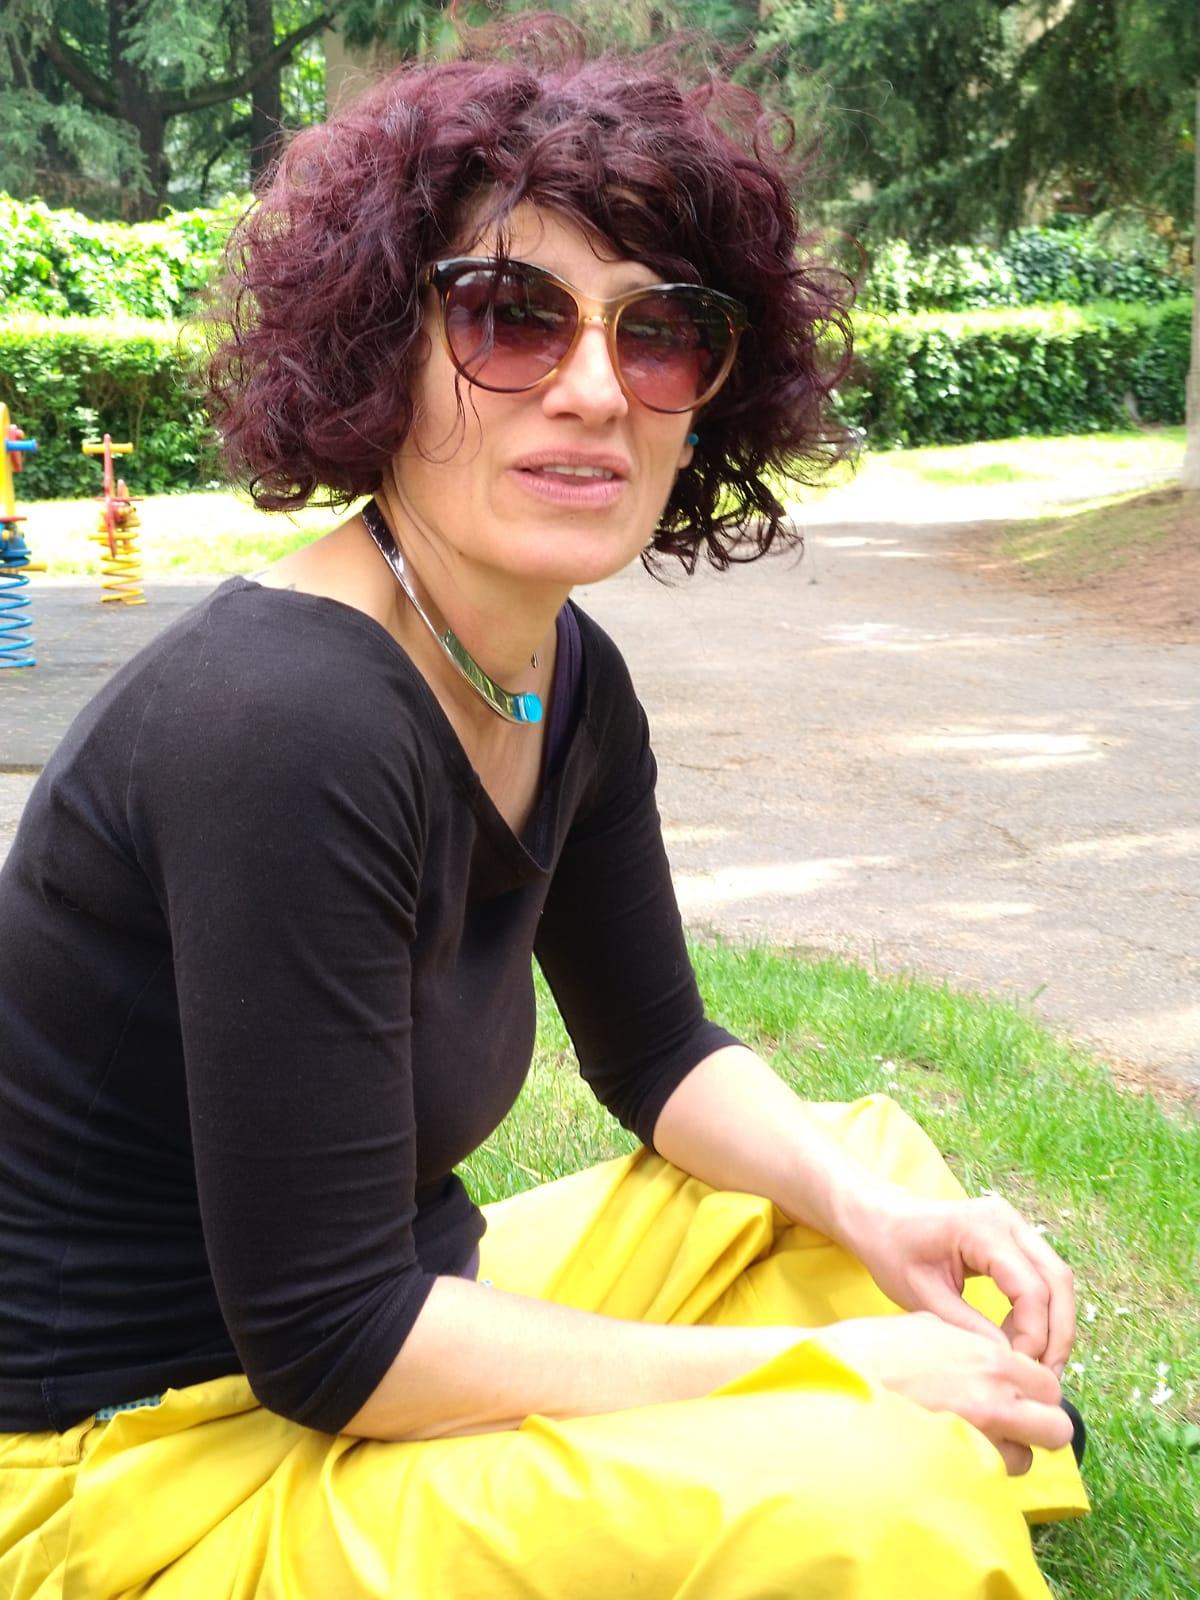 FRANCESCA ROMANA PICONI